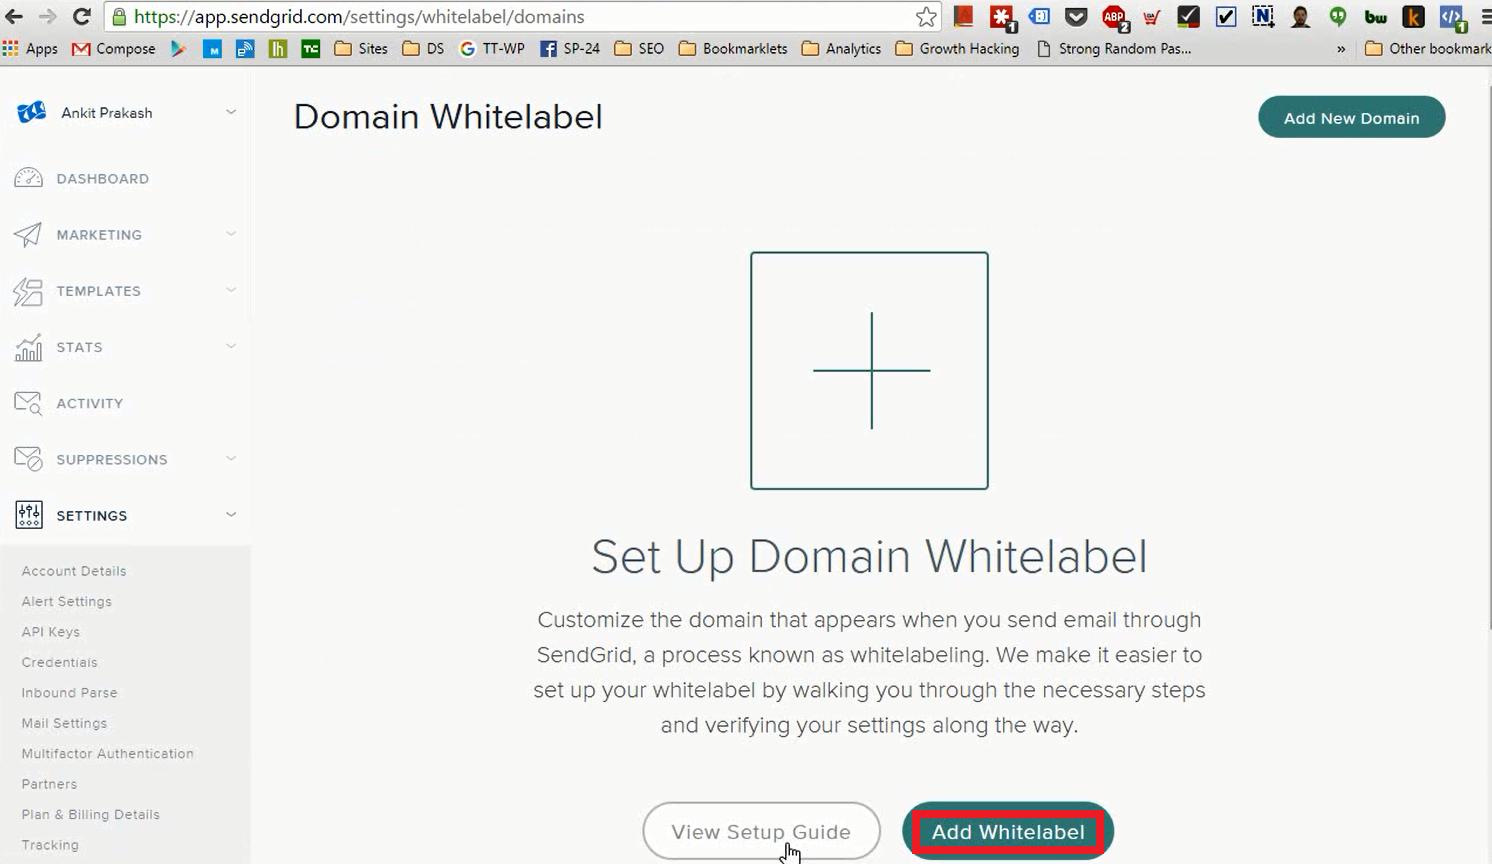 13.Add Domain